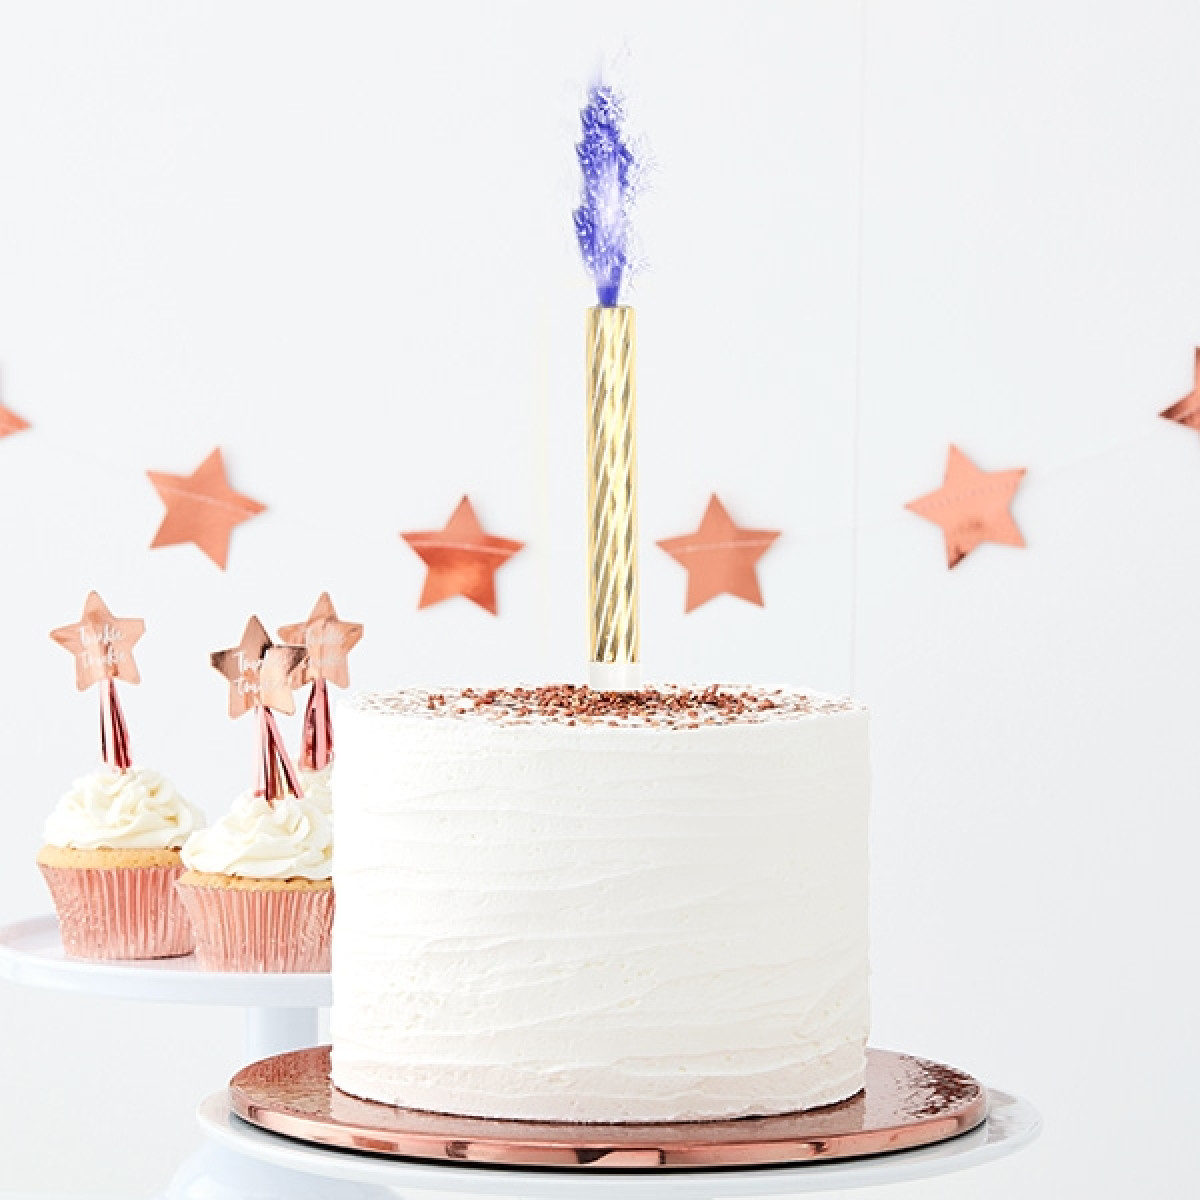 Babyparty Tortenfontänen, 3 Stk, Blaue Flamme, Wunderkerzen, 15Cm mit Wunderkerzen Für Torten